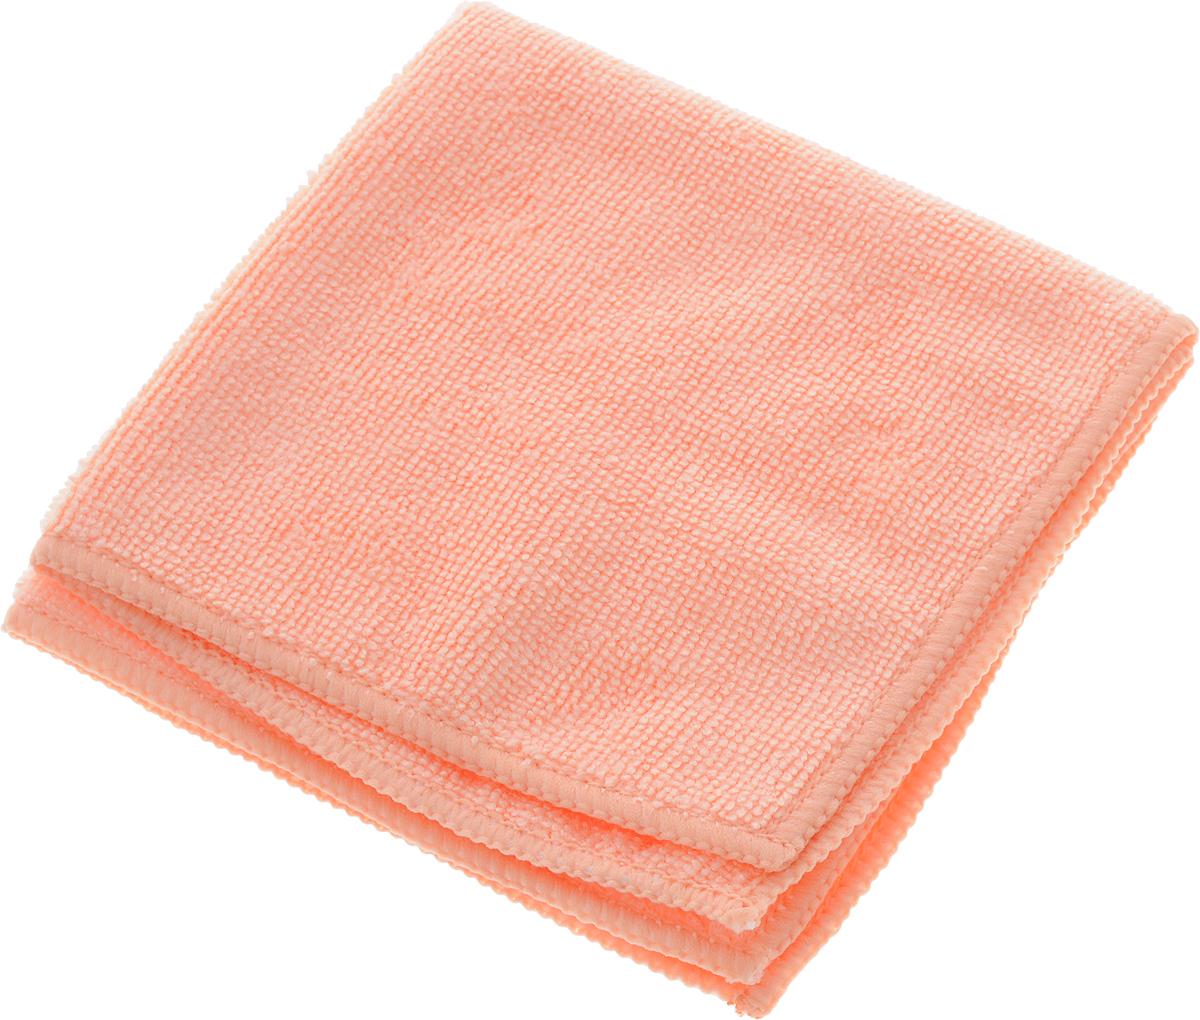 Салфетка для влажной уборки Помощница, цвет: персиковый, 30 х 30 смЕ4801_персиковыйСупервпитывающая салфетка Помощница, изготовленная из микрофибры, прекрасно подойдет для влажной уборки любых поверхностей на кухне. Изделие обладает высокой износоустойчивостью и рассчитано на многократное использование, легко моется в теплой воде с мягкими чистящими средствами. Супервпитывающая салфетка не оставляет разводов и ворсинок, удаляет большинство жирных и маслянистых загрязнений без использования химических средств.